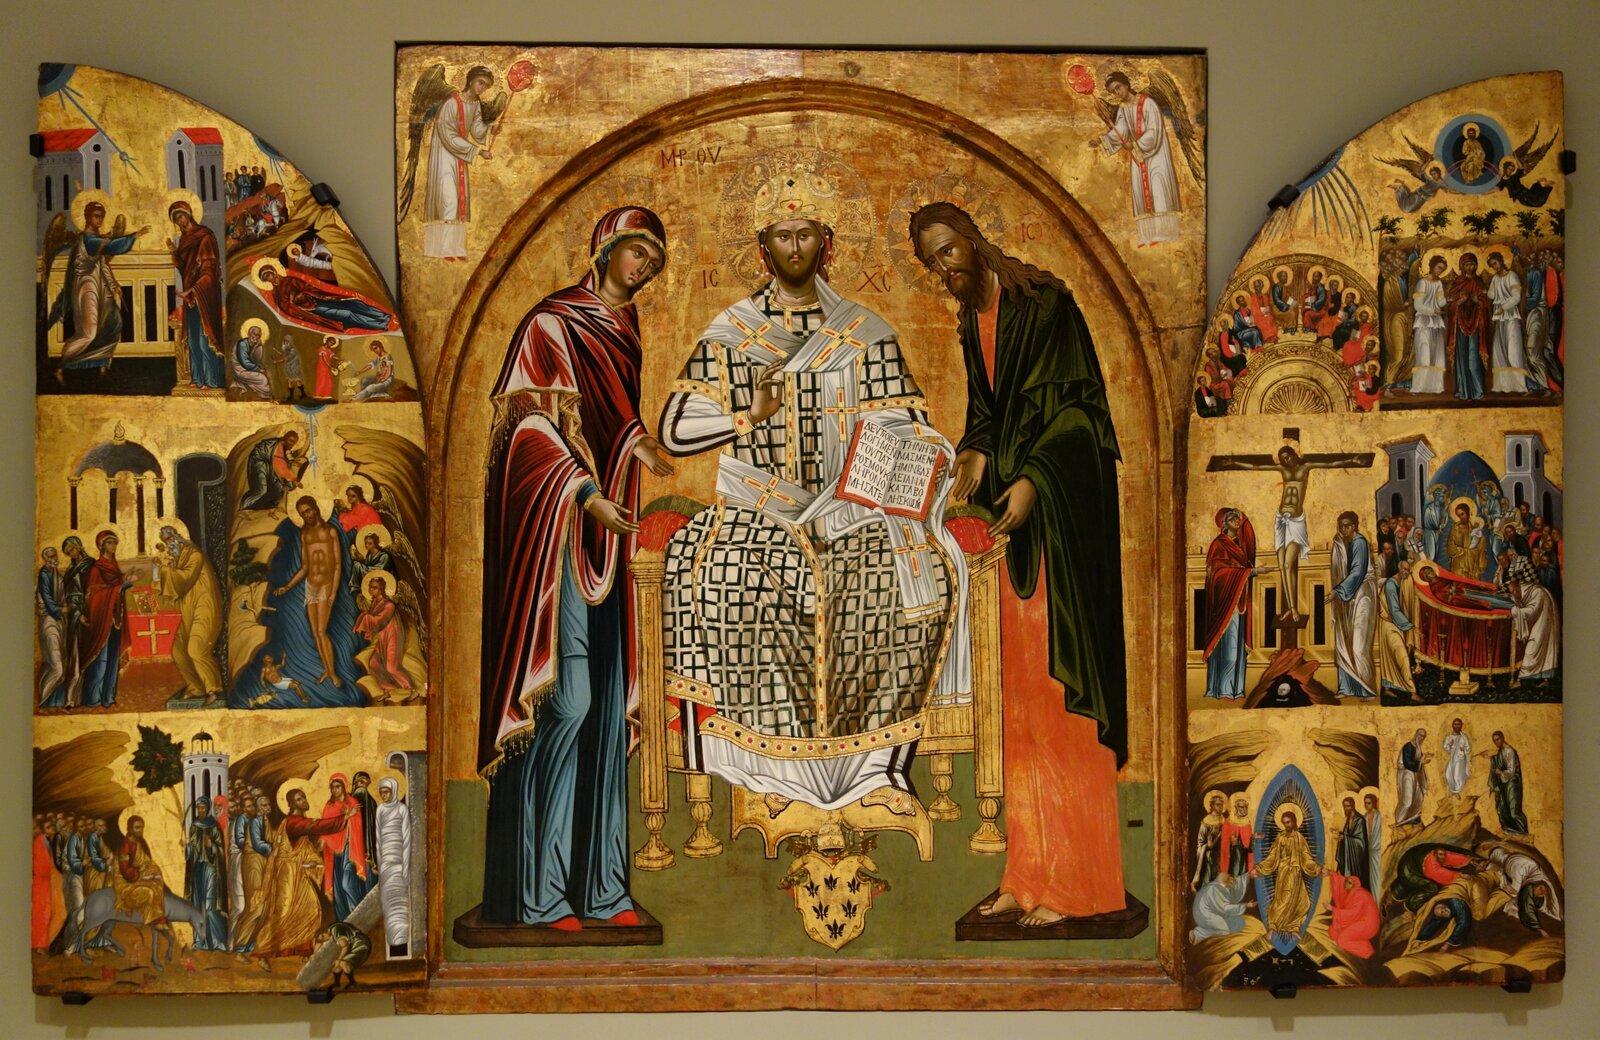 Deesis zdwunastoma wielkimi świętami Kościoła Źródło: Deesis zdwunastoma wielkimi świętami Kościoła, 1540-1549, Chazen Museum of Art, licencja: CC 0 1.0.